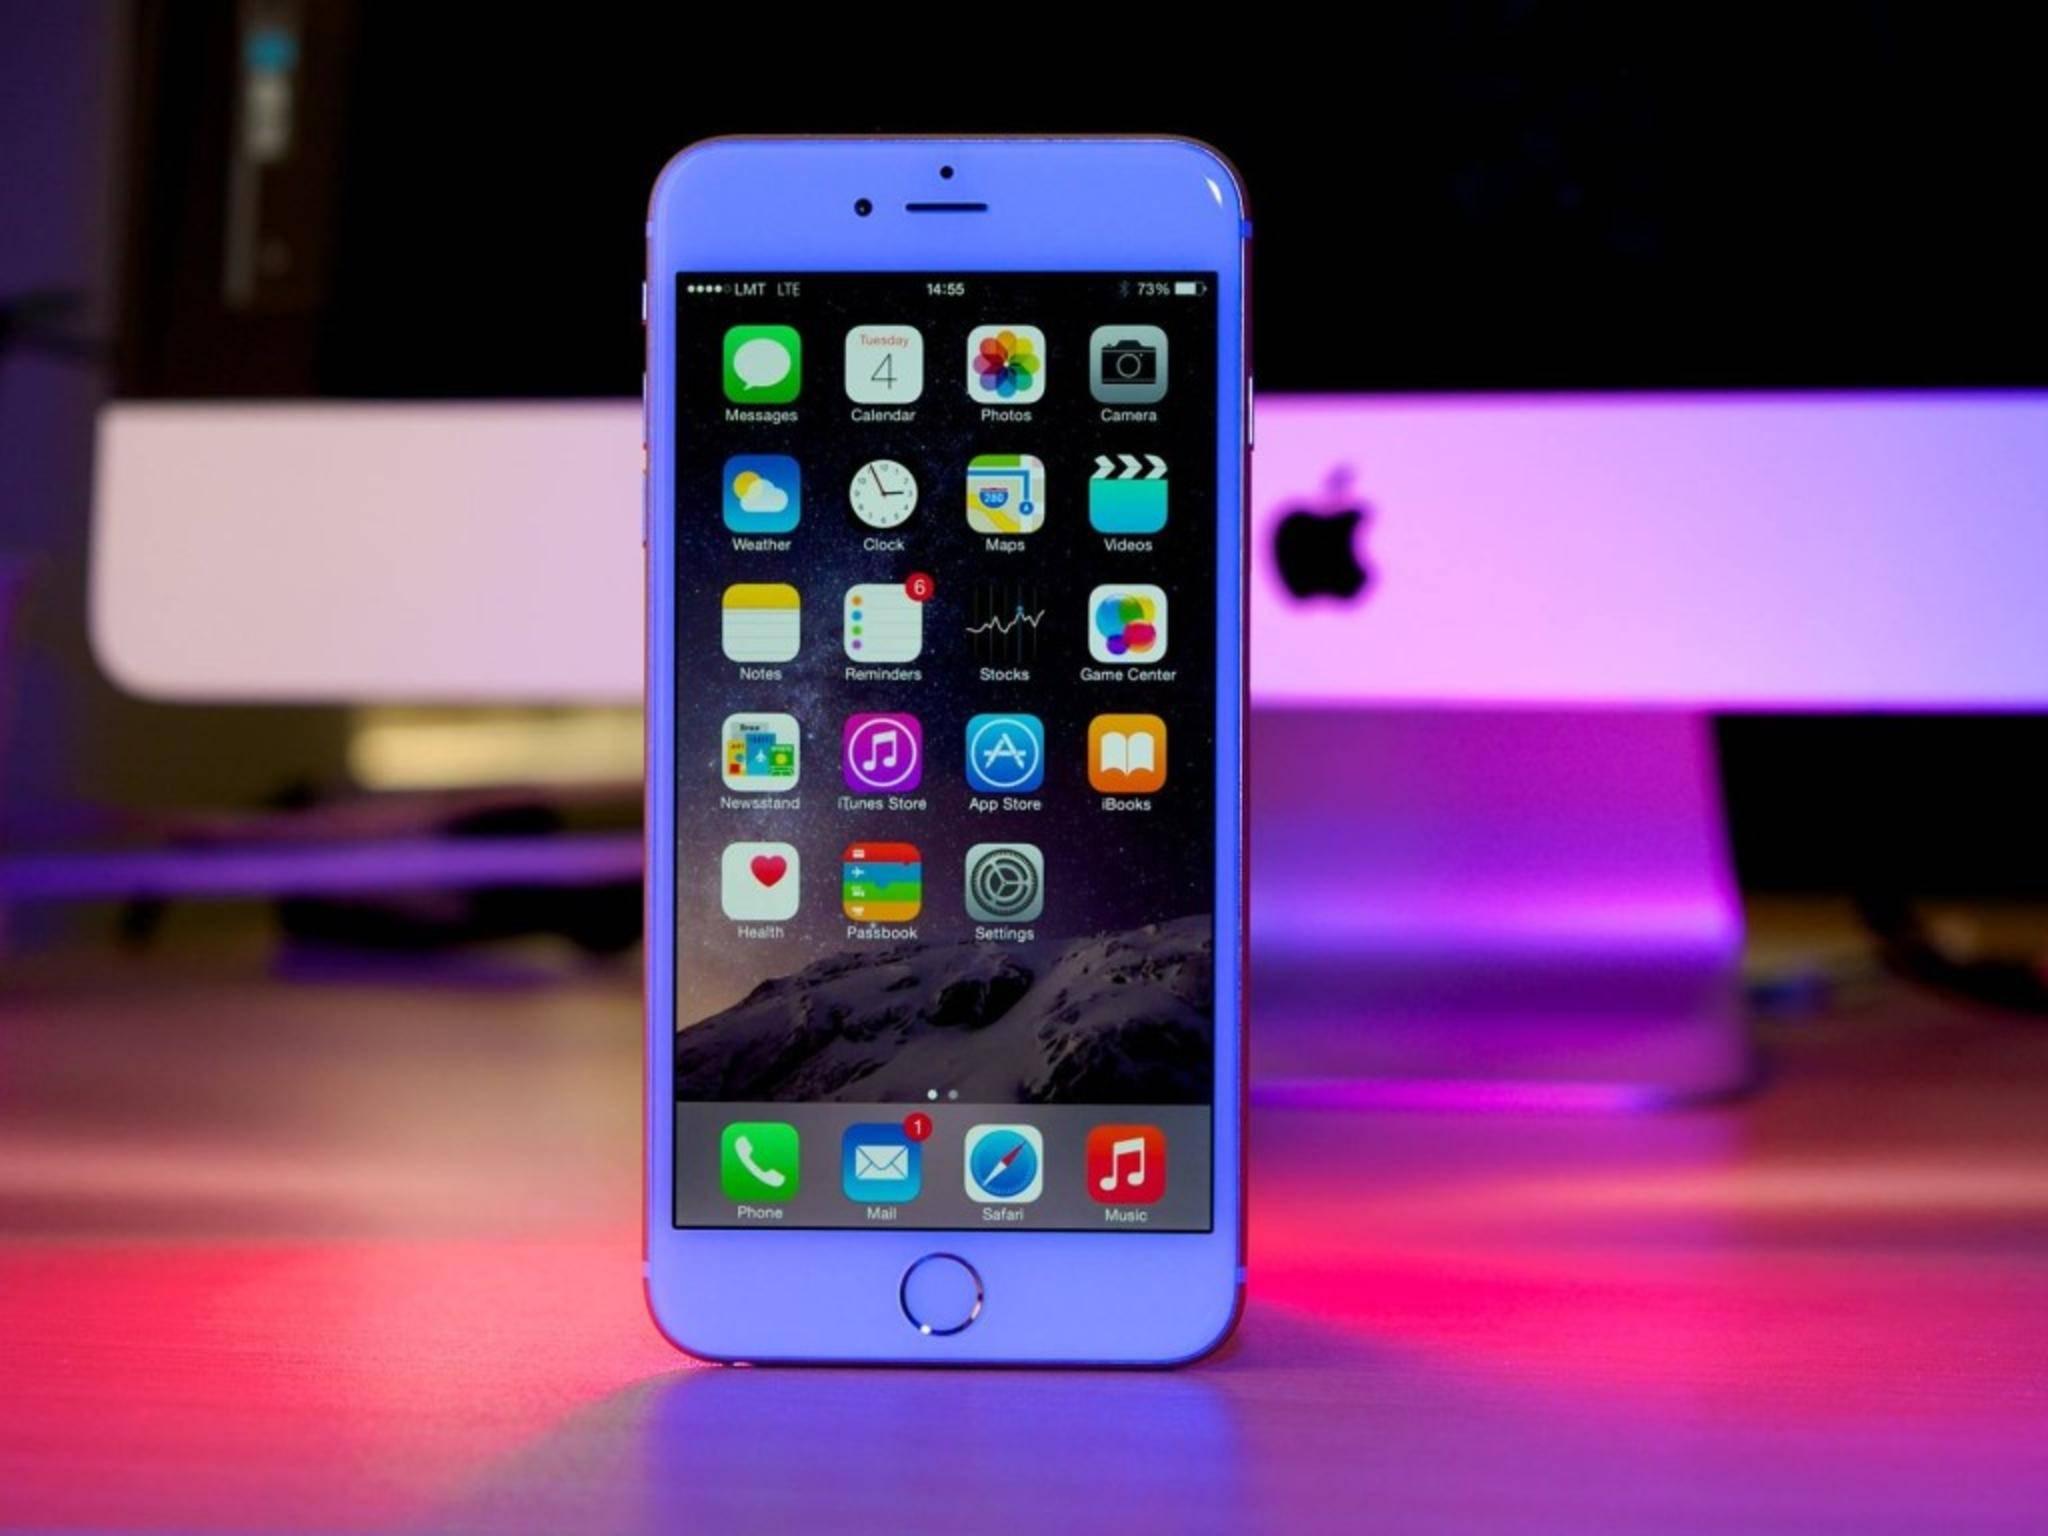 Geduld! iPhone 6 und iPhone 6 Plus könnten schon bald Nachfolger bekommen.